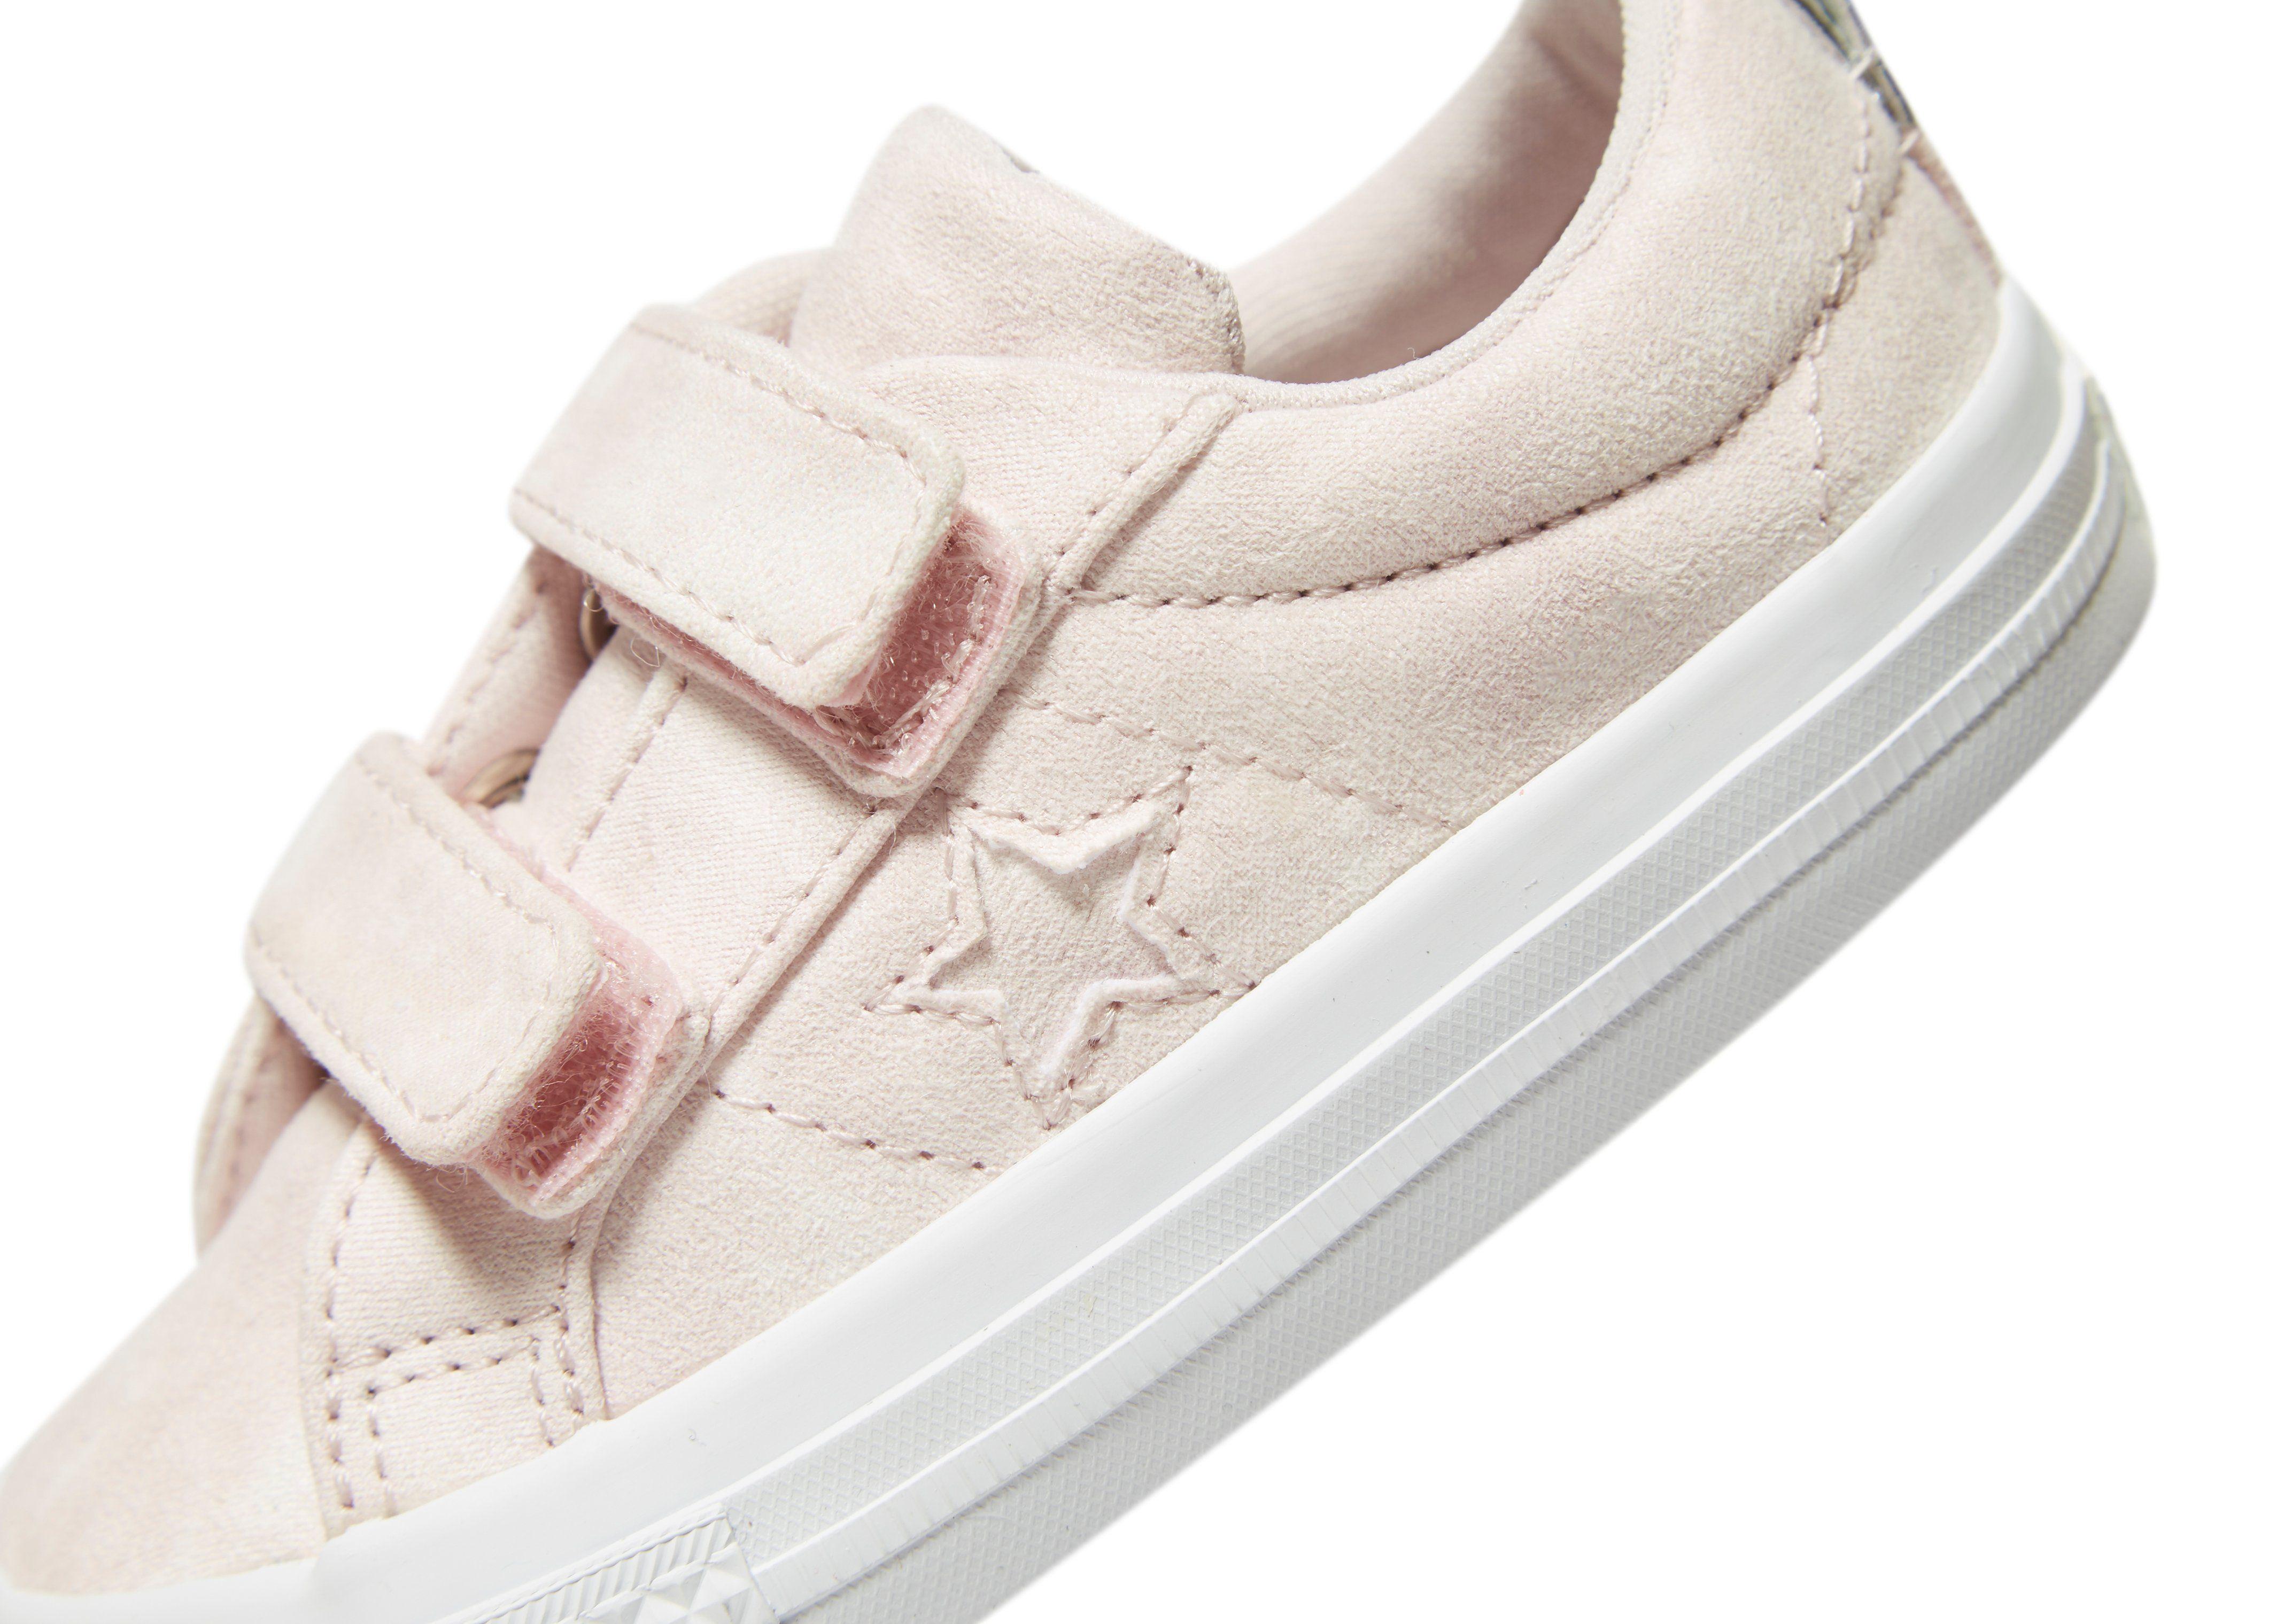 Converse One Star Infant Pink Spielraum Schnelle Lieferung Freies Verschiffen Fälschung Billig Verkauf Shop Verkauf Große Überraschung pesAf8DC9O